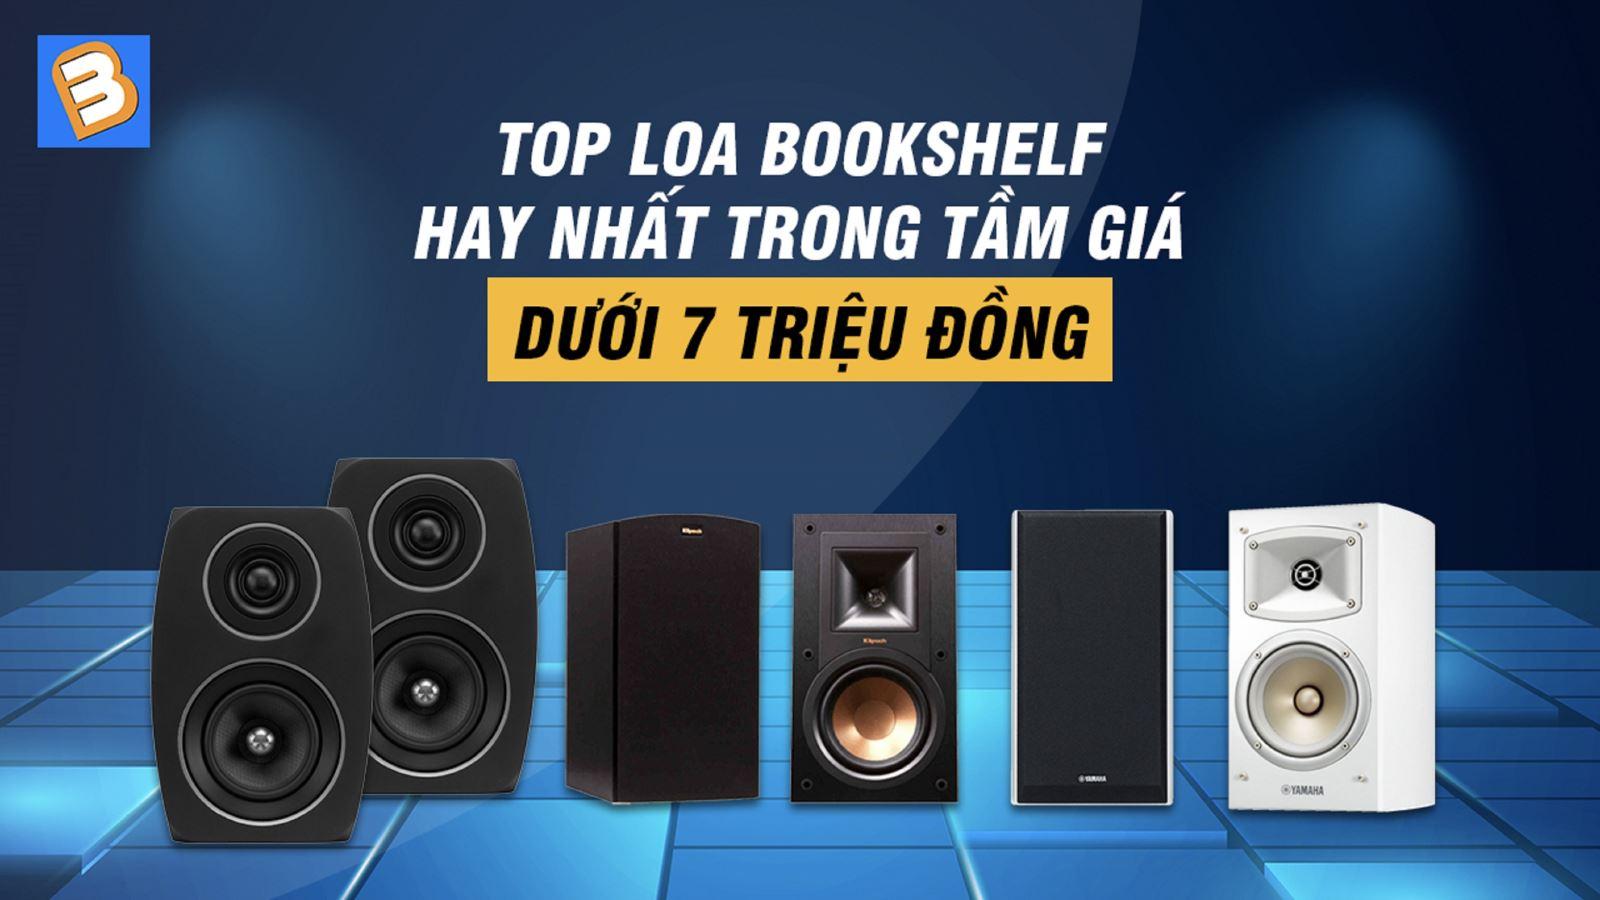 Toploa bookshelf hay nhấttrong tầm giá dưới 7triệu đồng